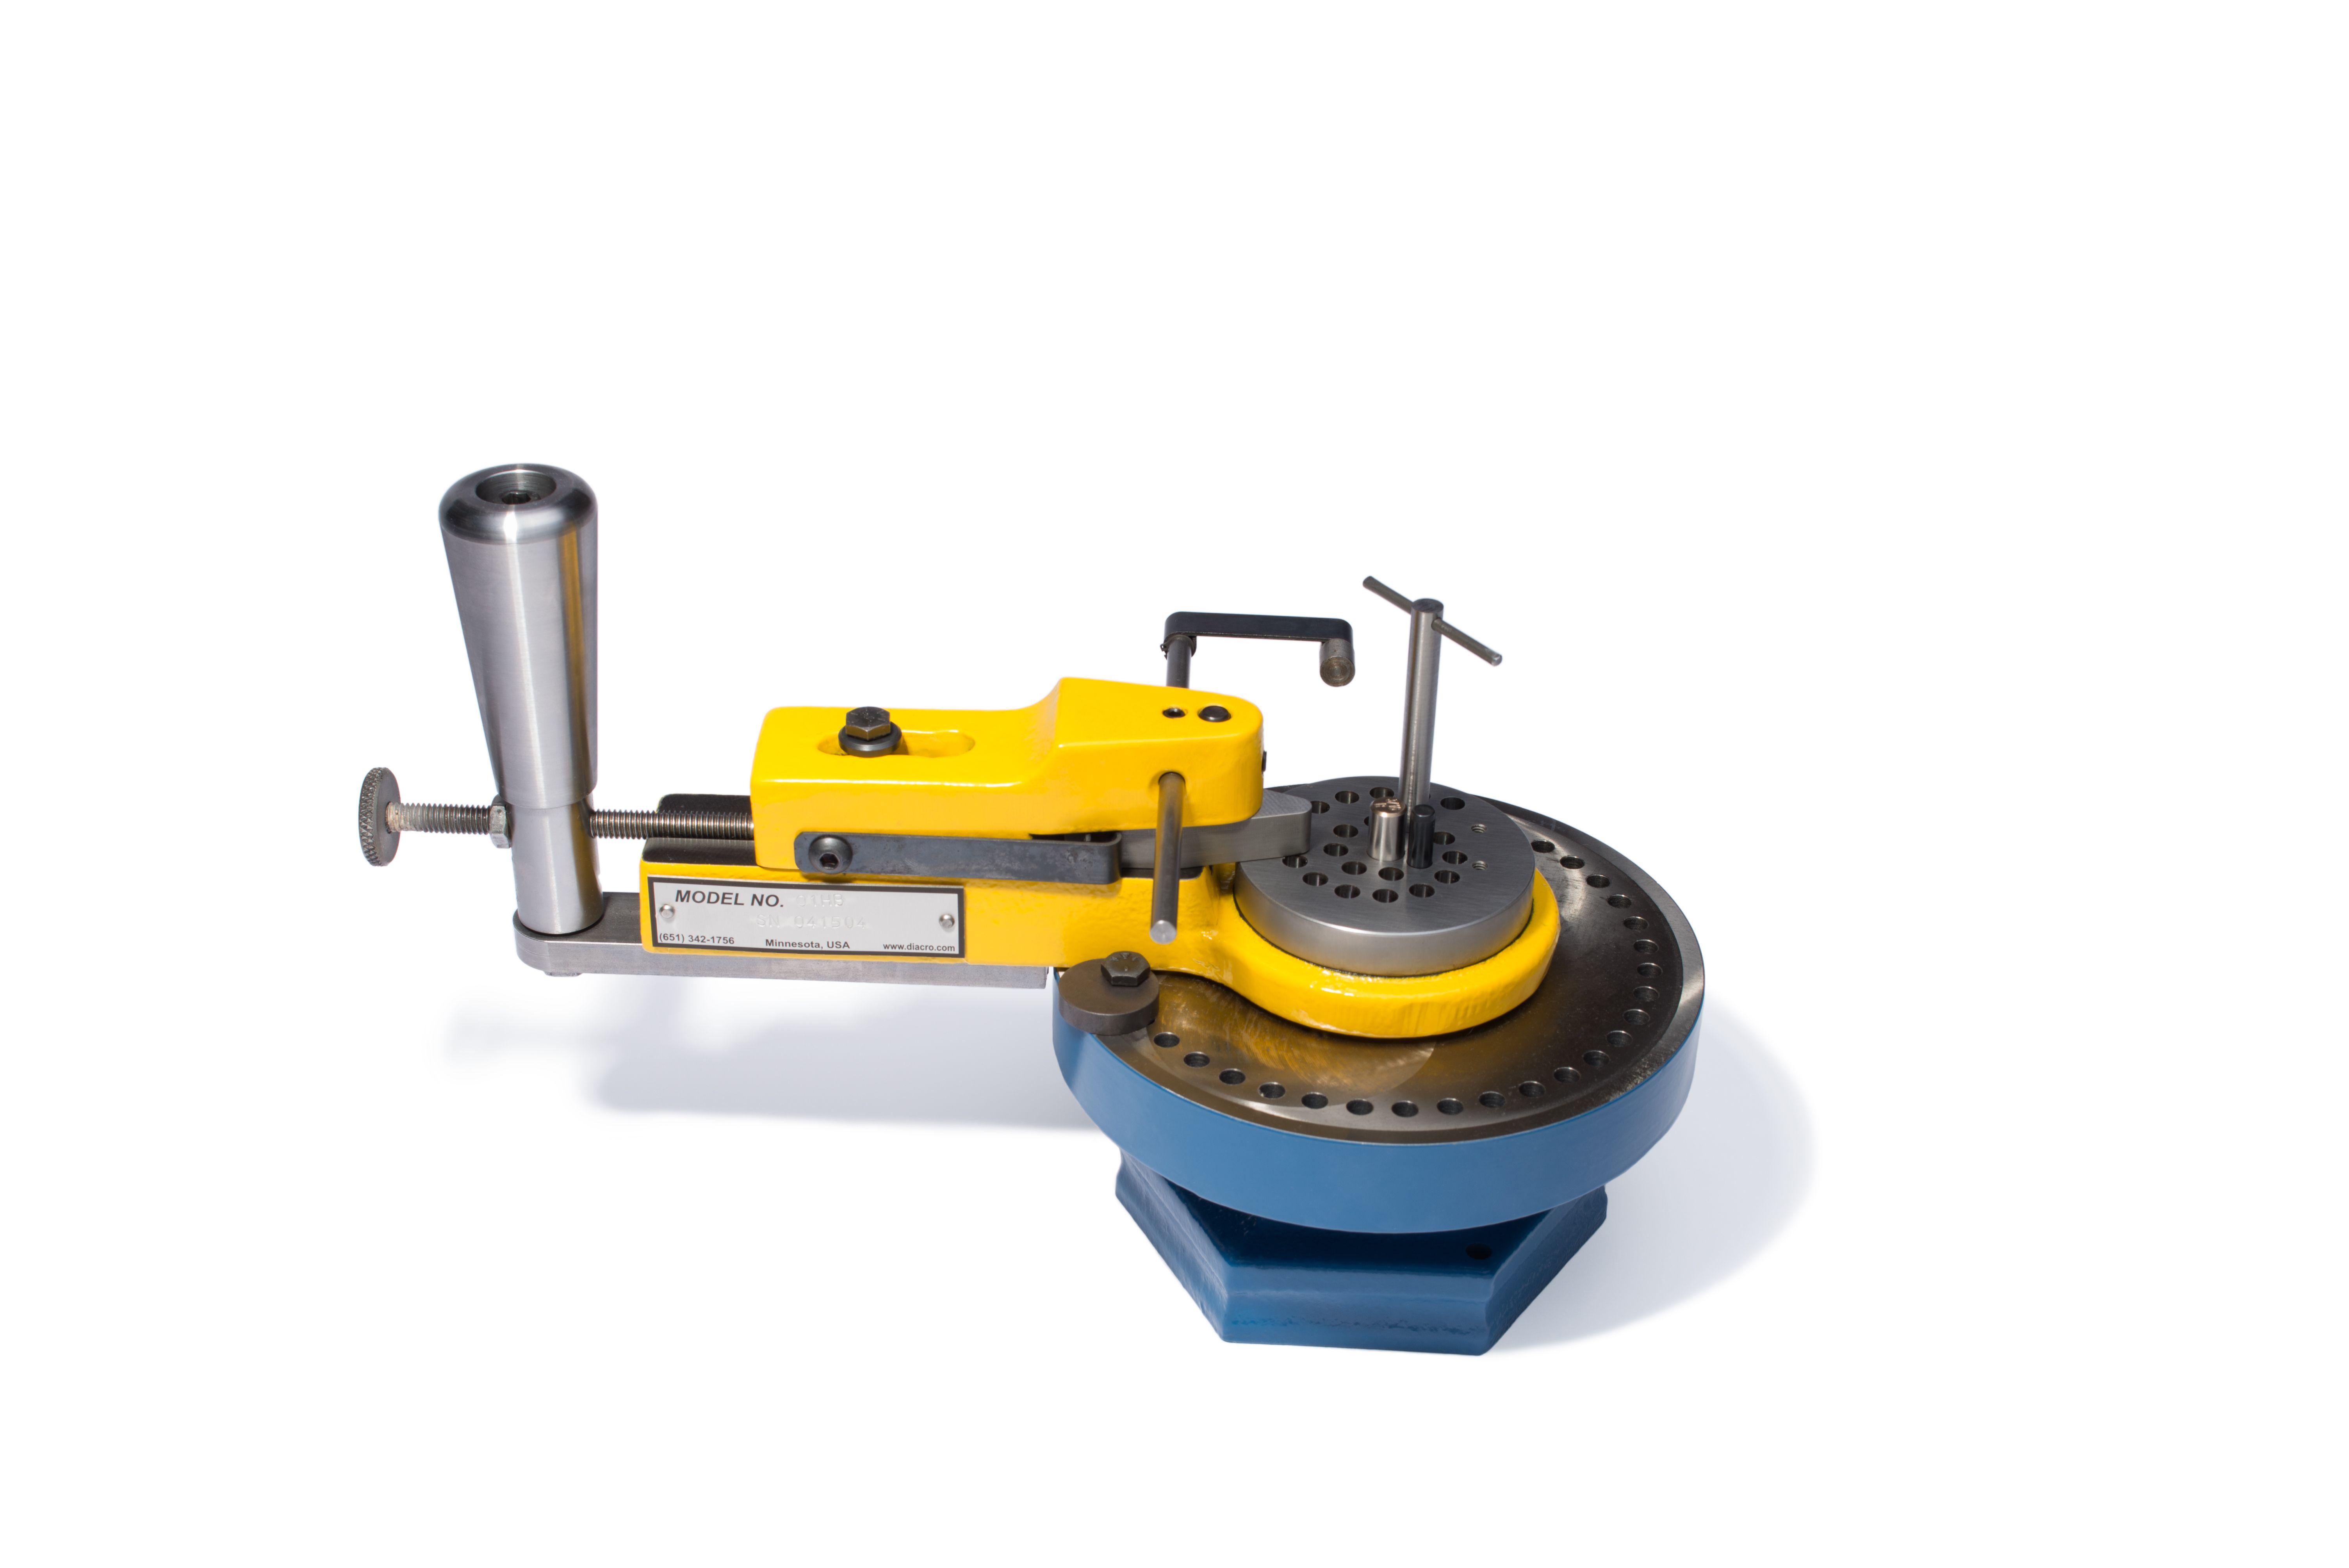 Metal Bending Machine Tubing Benders For Sale Hand Operated Benders Metal Rod Tubing Benders Di Acro Bender Machinery Acro